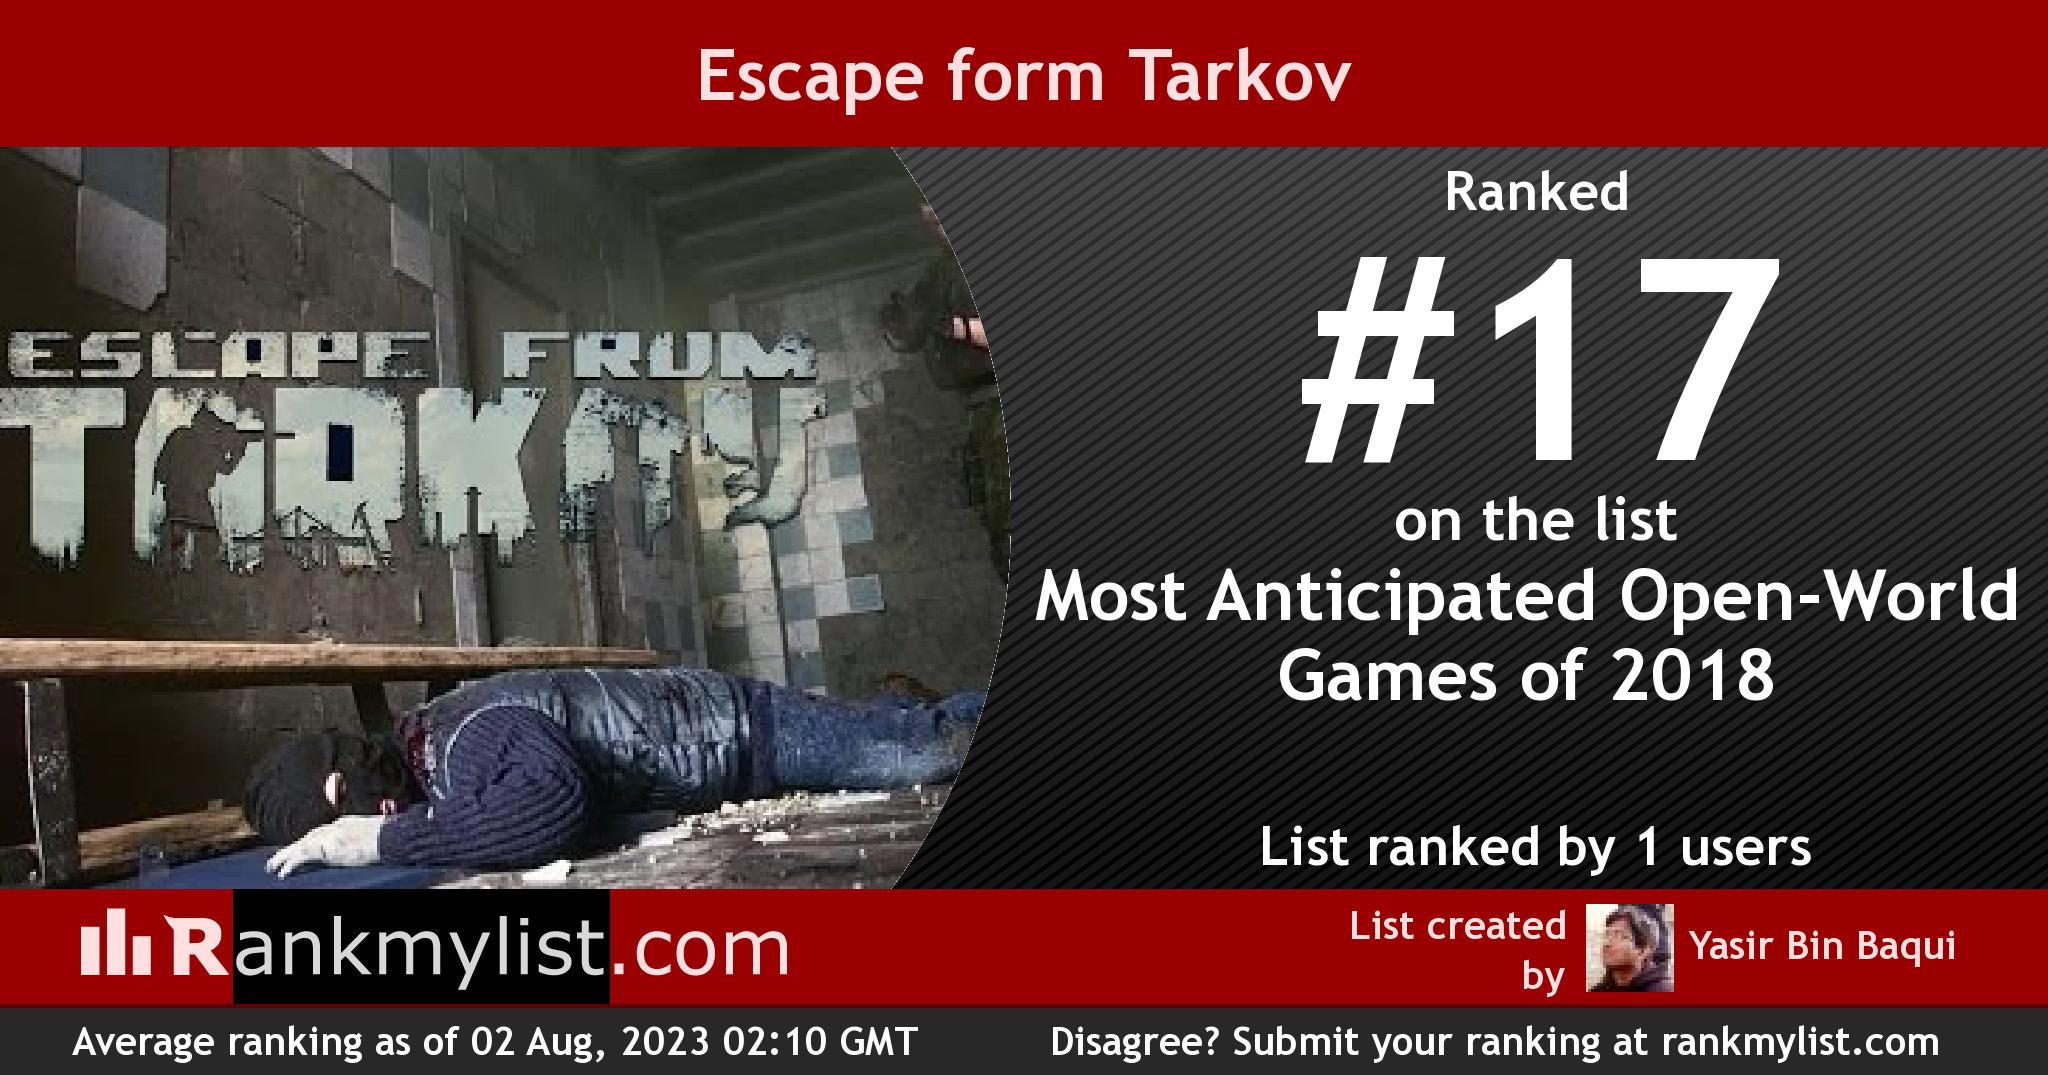 Most Anticipated Open-World Games of 2018 - Escape form Tarkov